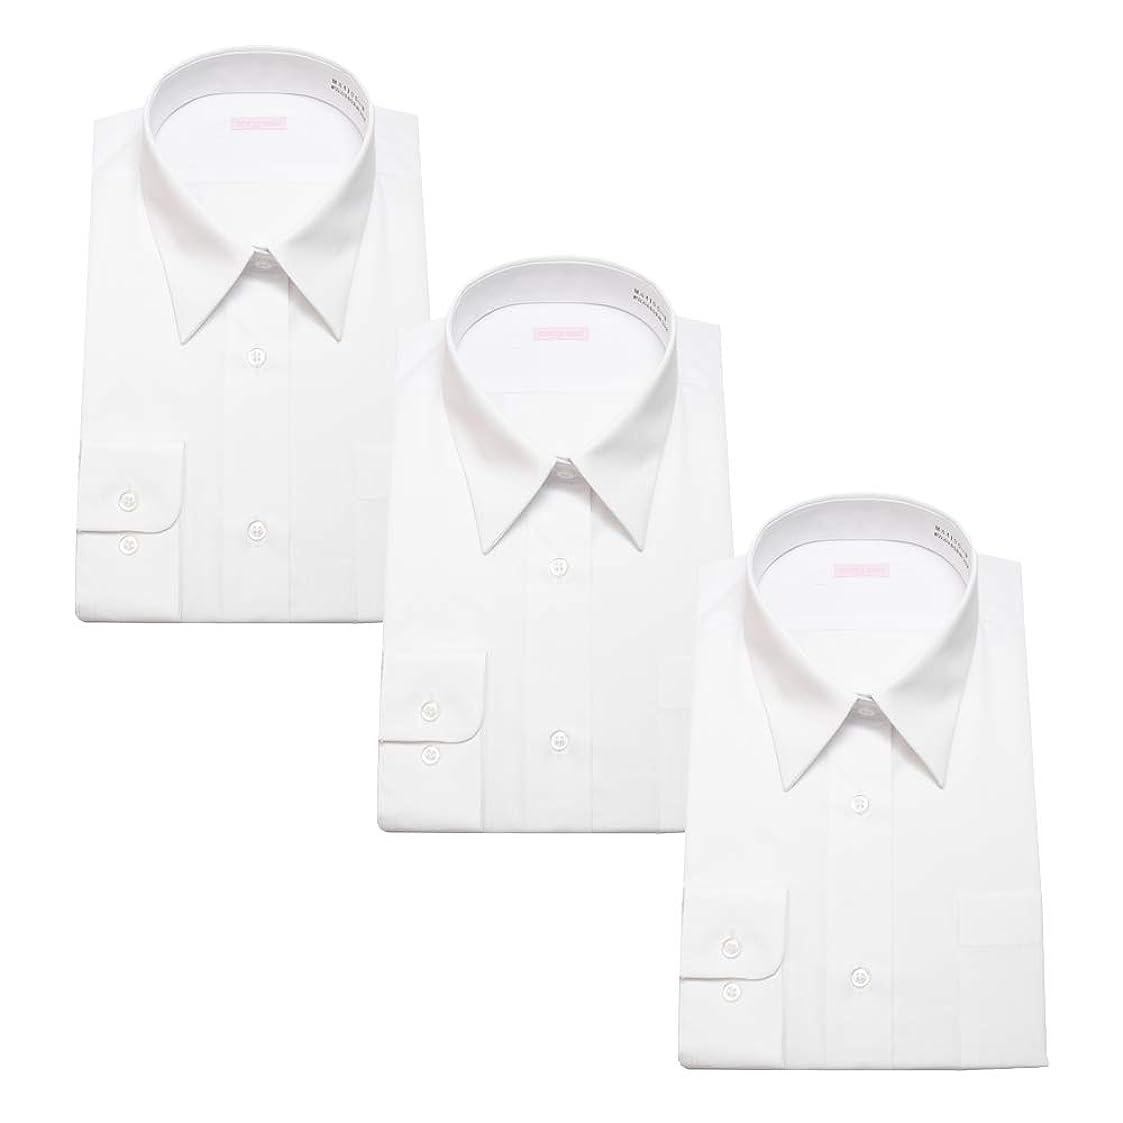 経験者太い干渉する[スティングロード] 女子スクールシャツ 3枚セット 女子 長袖 学生用 スクールシャツ 3枚組 ブラウス 形態安定 制服 Yシャツ カッターシャツ ブラウス MA4100-AM-3